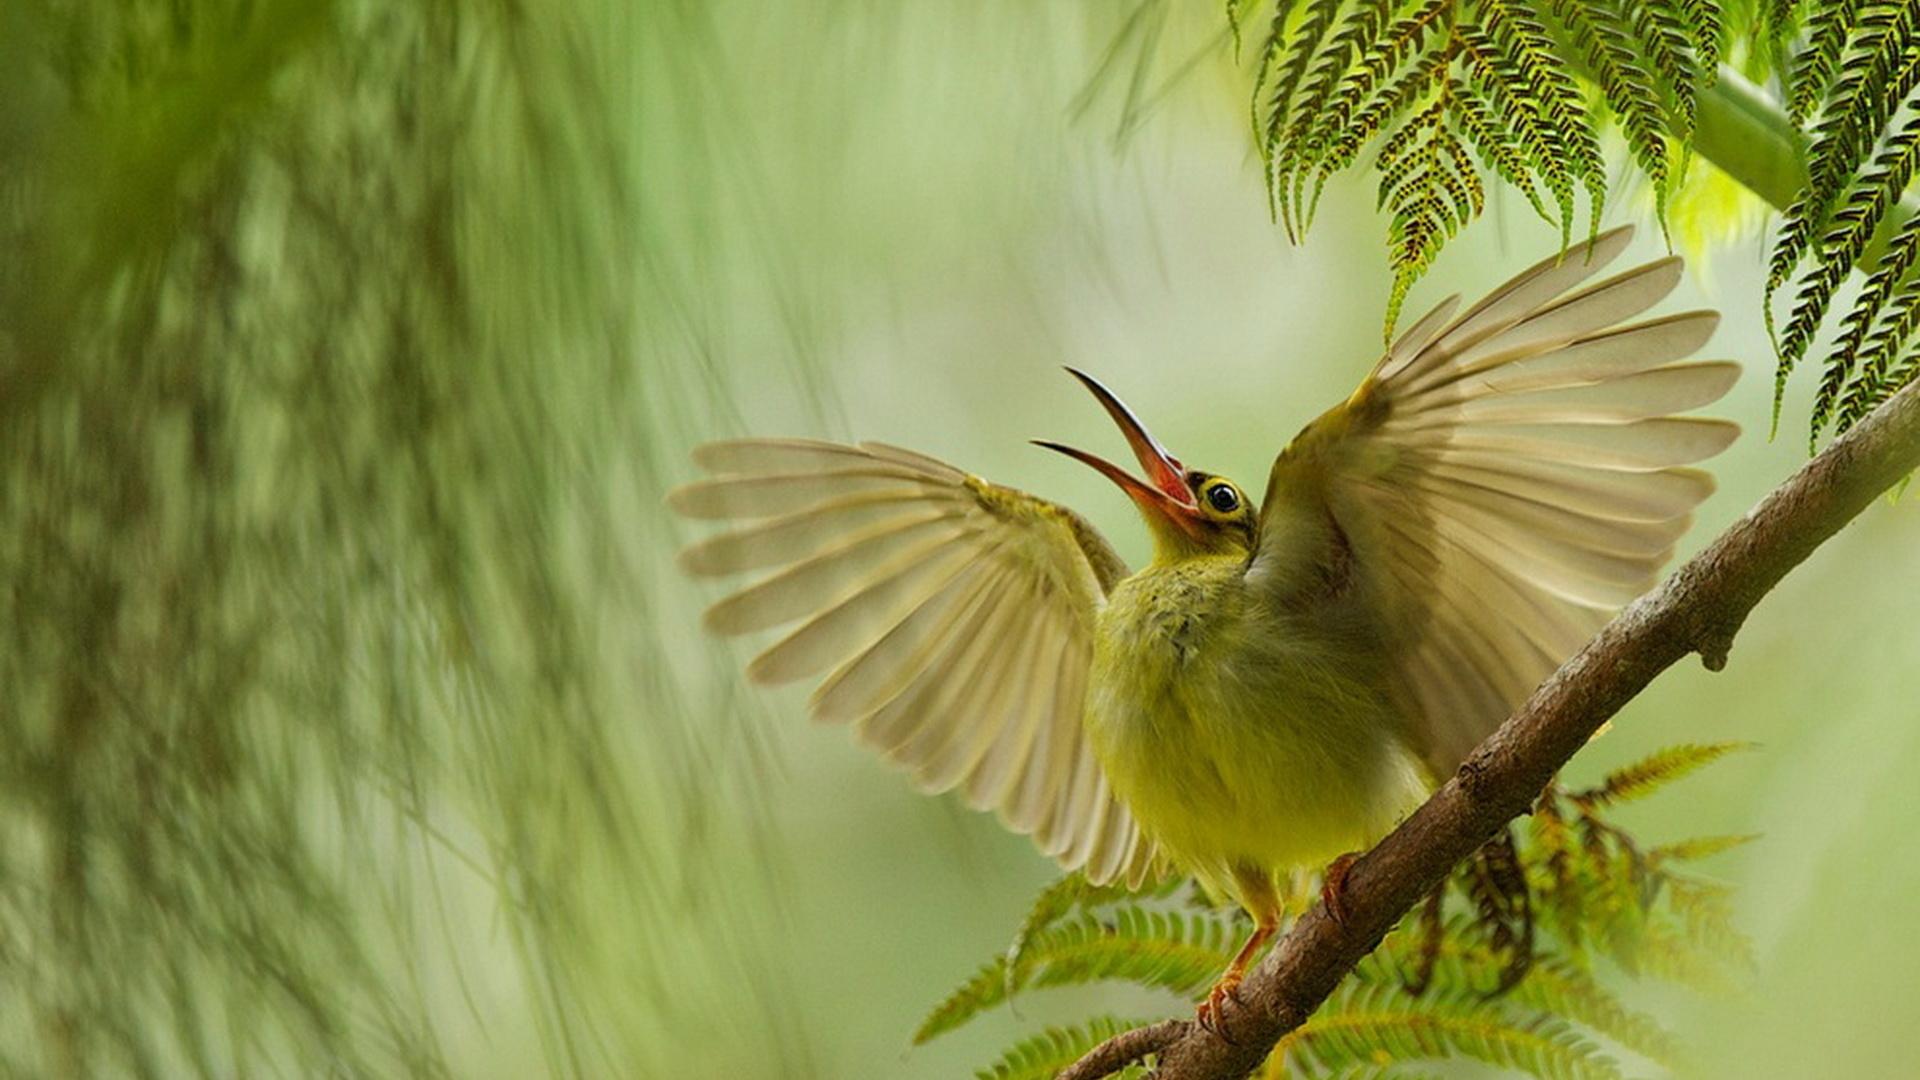 картинки с райскими птичками главные роли